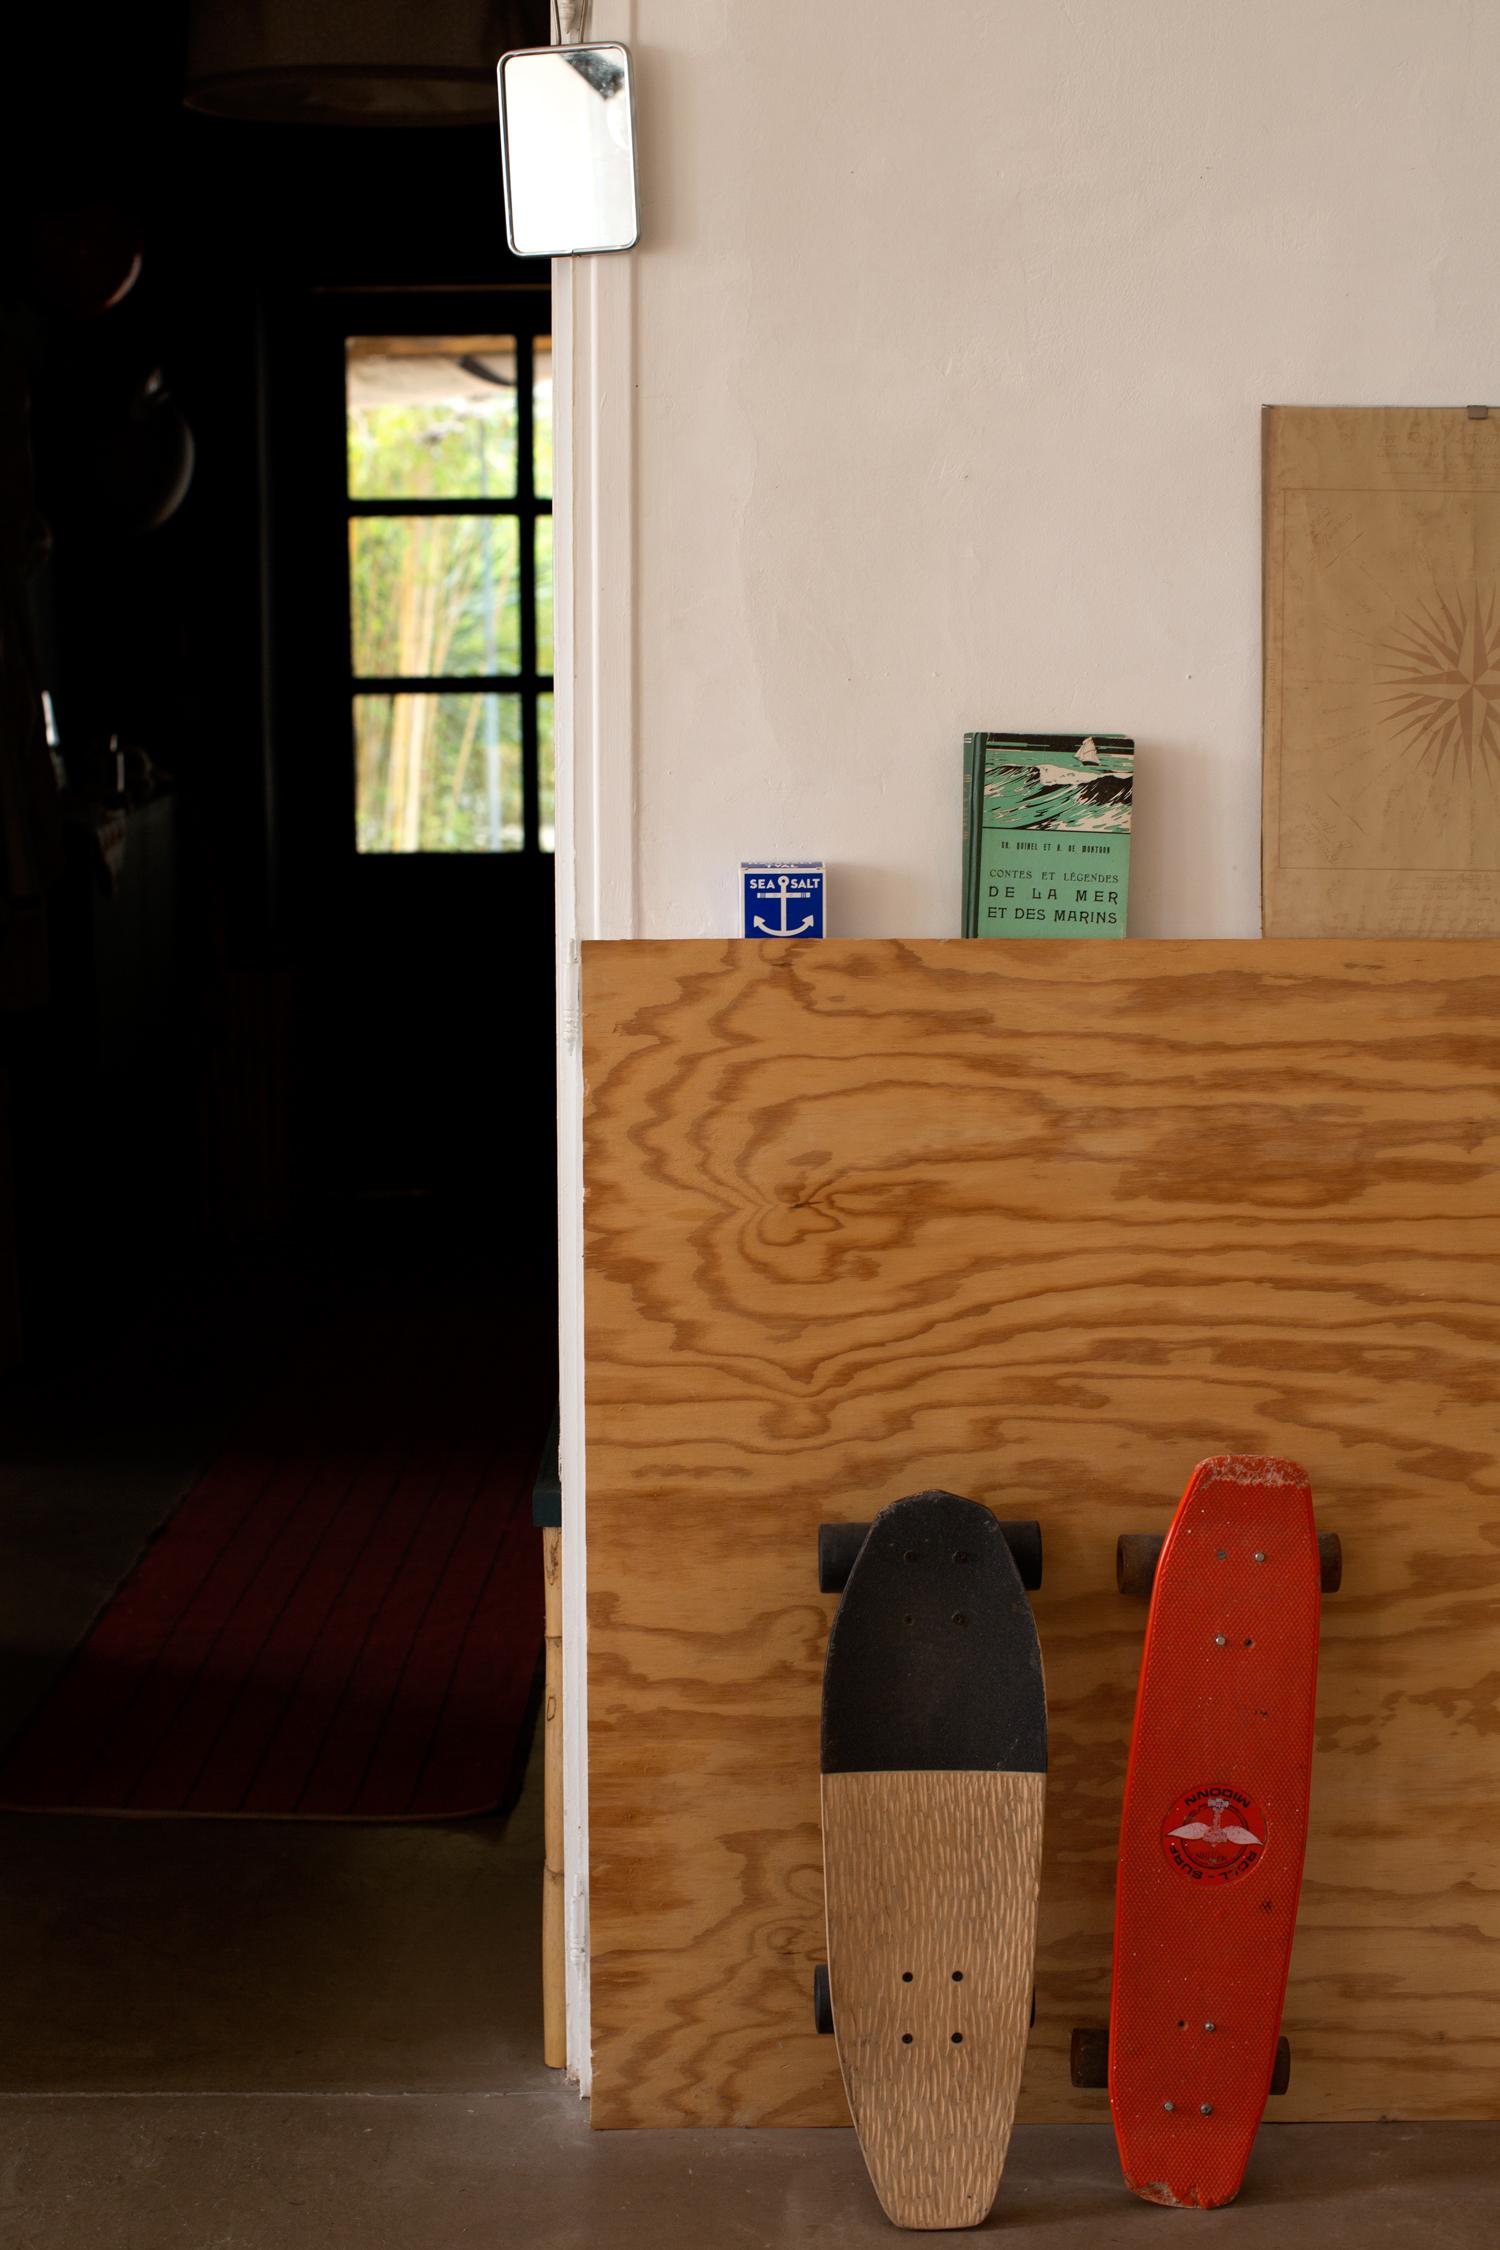 antoine boudin designer trimardeur cr er son propre langage the artisans. Black Bedroom Furniture Sets. Home Design Ideas